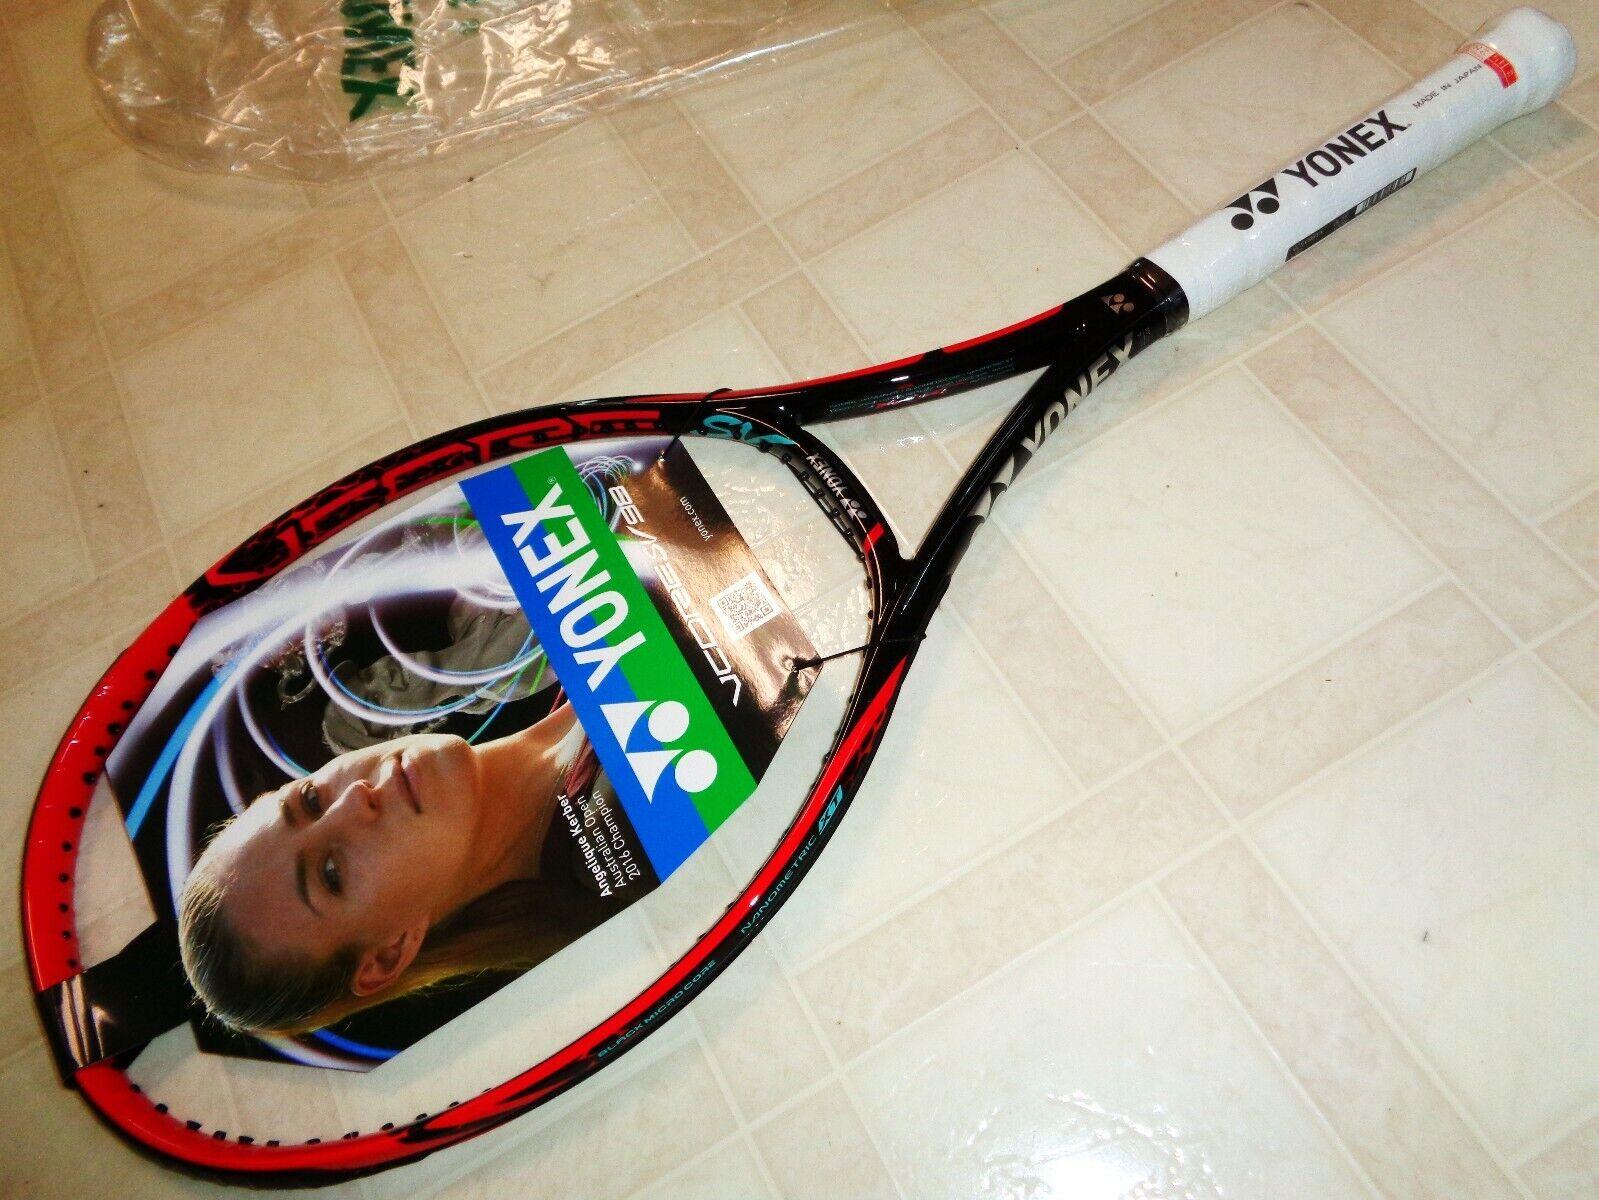 Yonex especial versión 98 Lite Tenis Raqueta 4 1 4  Nuevo